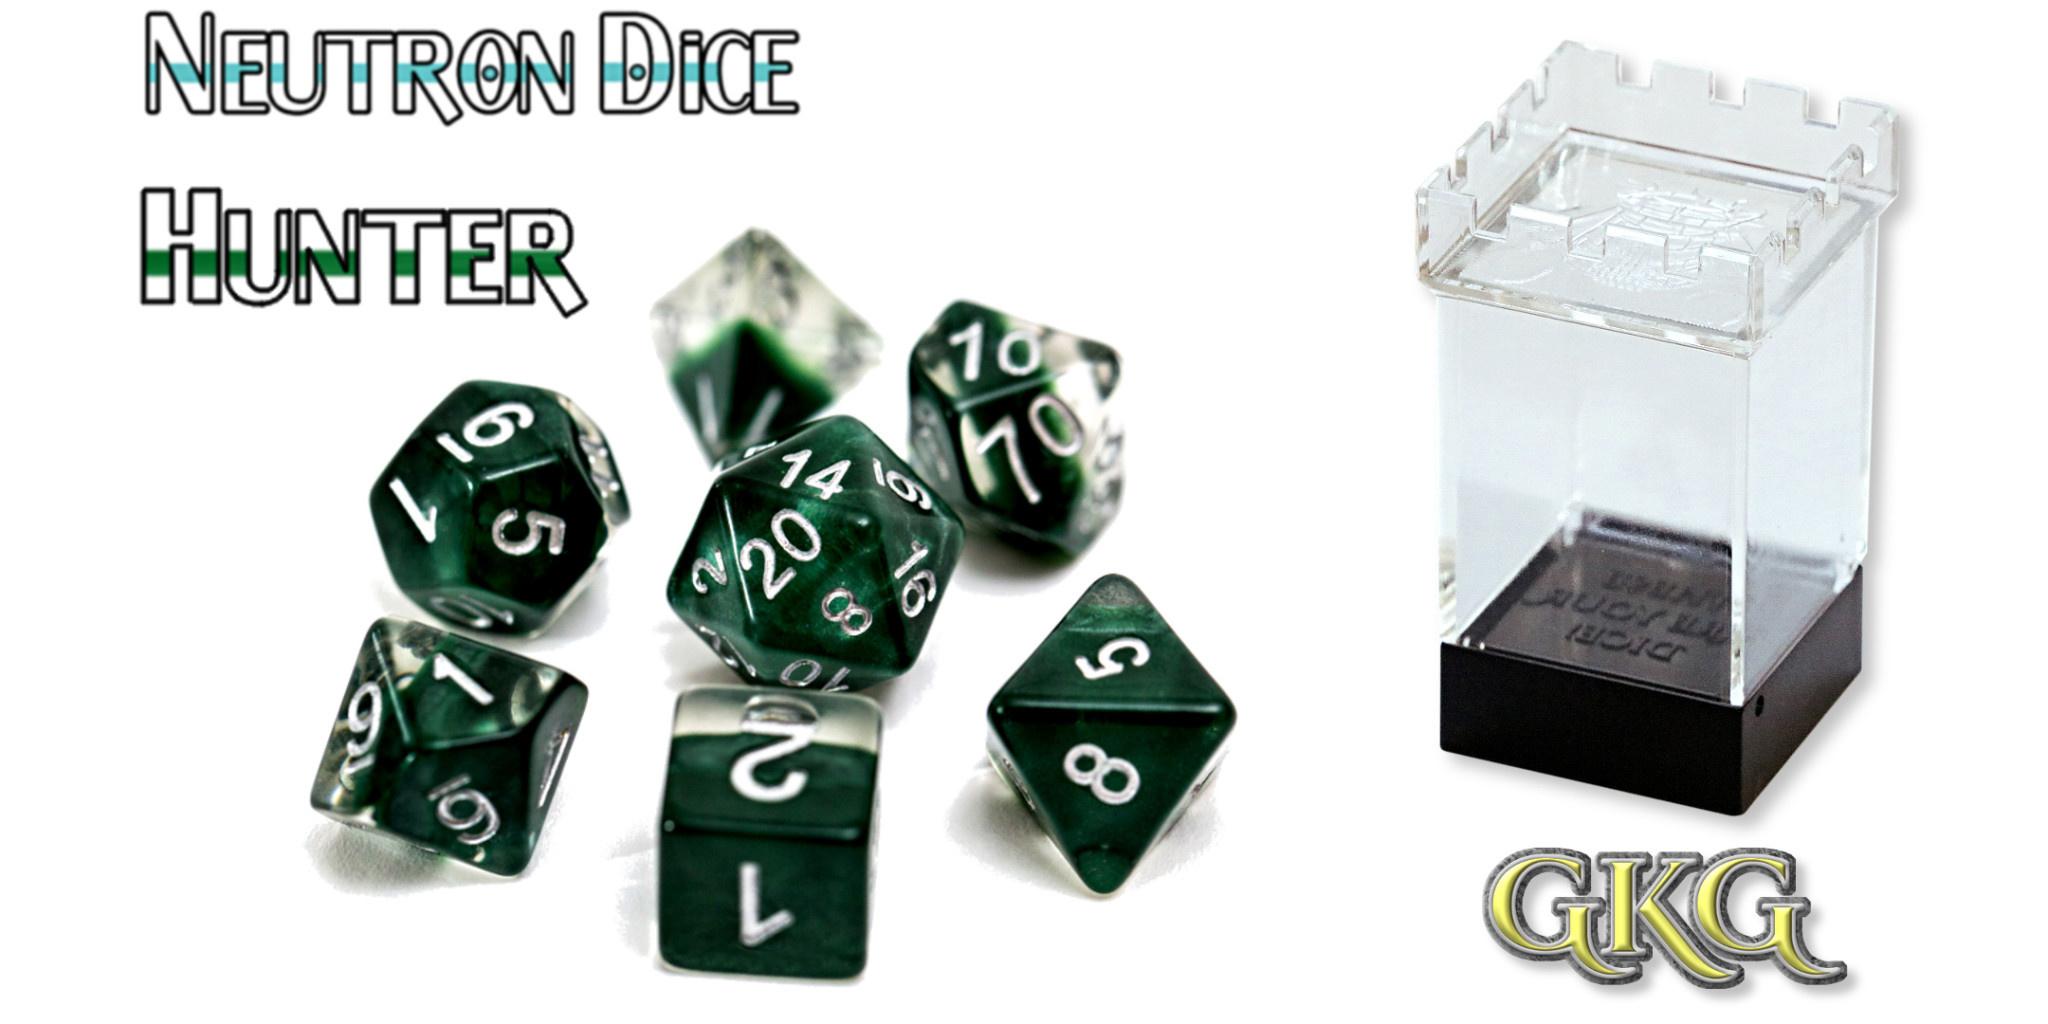 Neutron Dice - Hunter Dice Set